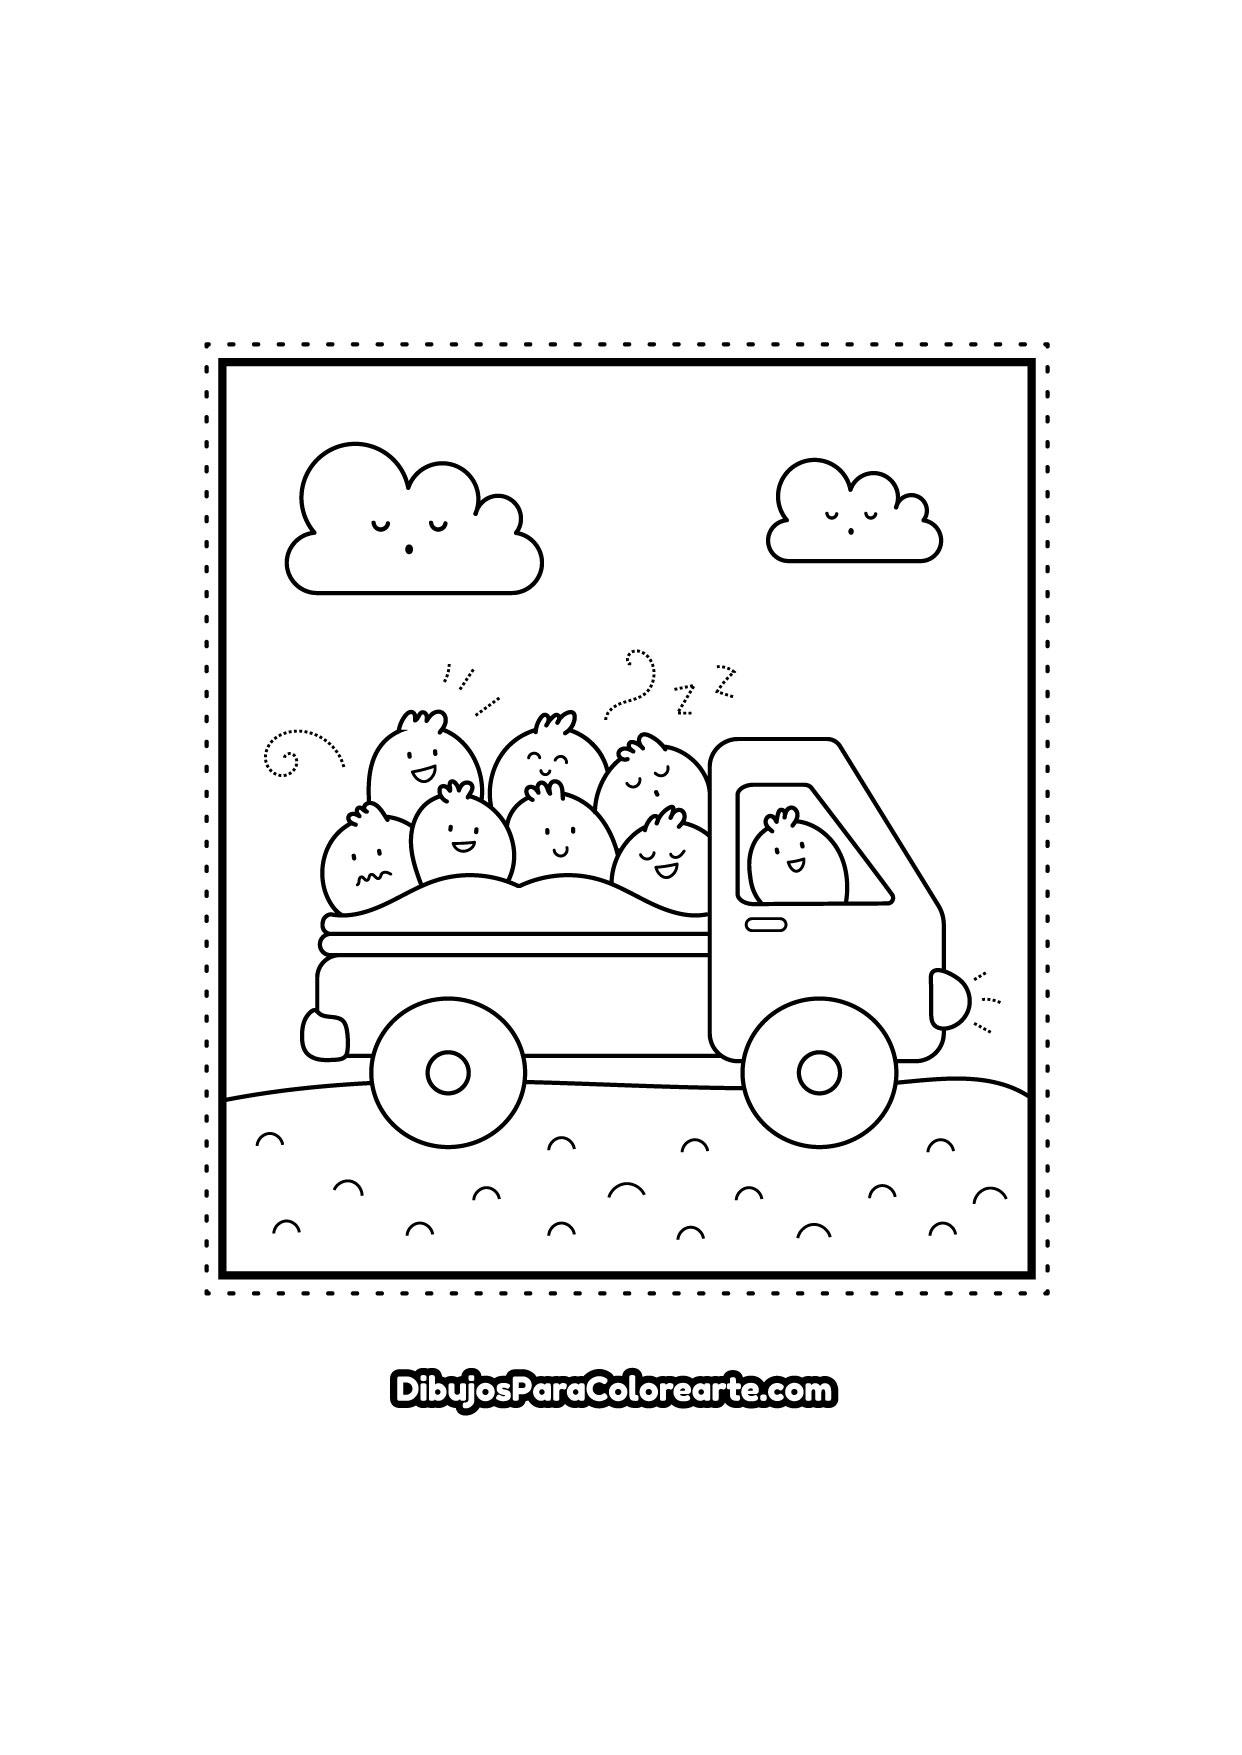 Dibujos Para Colorear Fáciles Camión